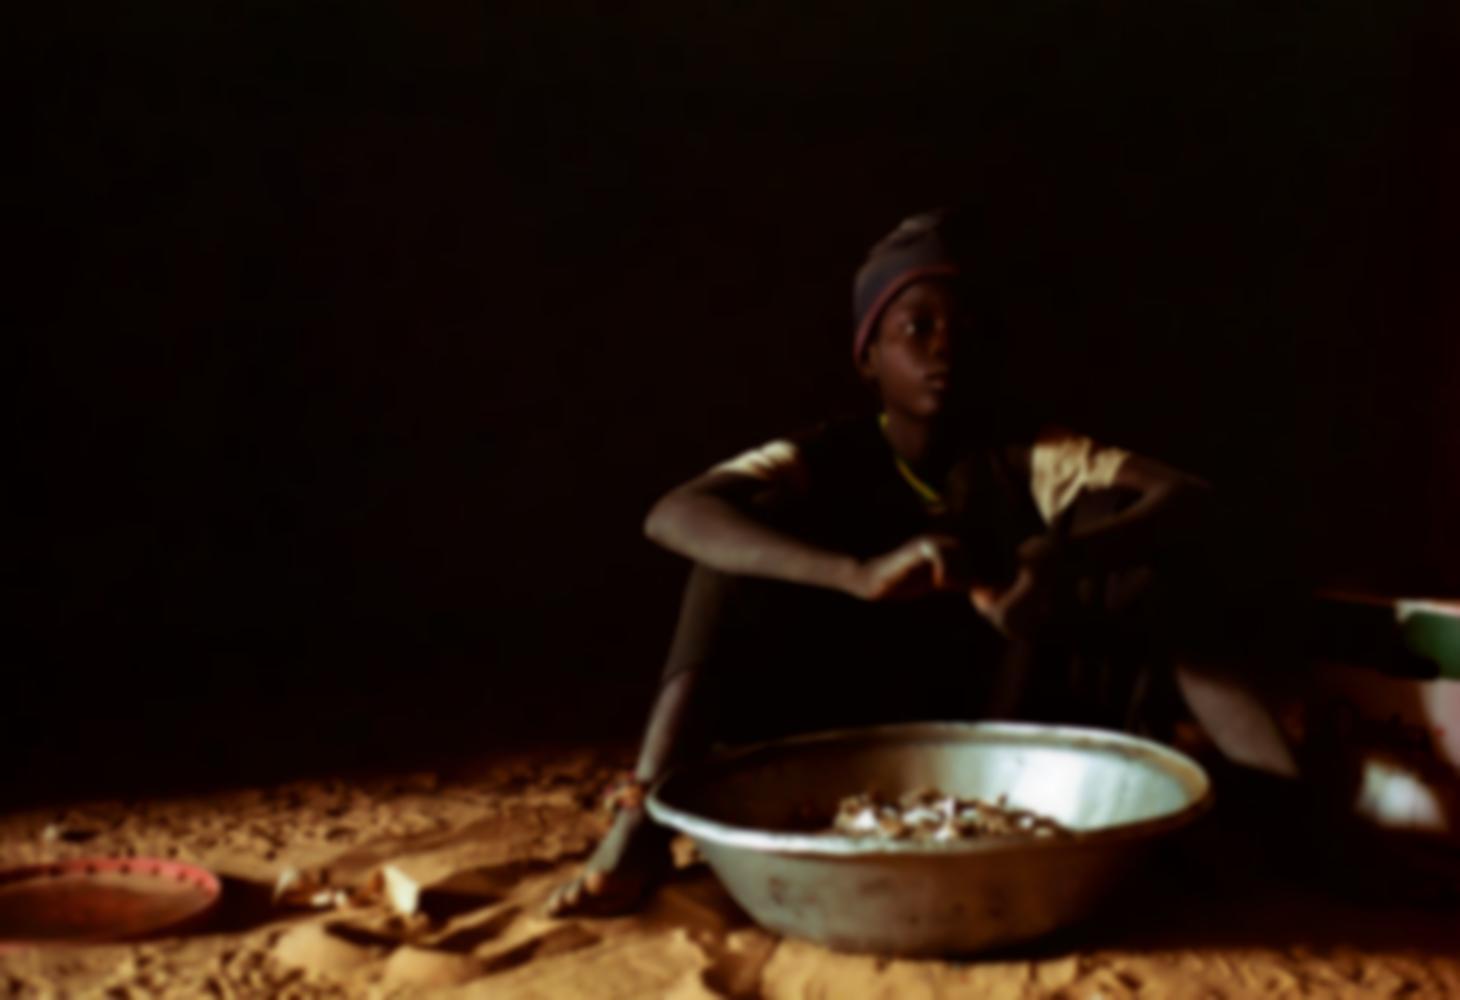 Assis sur le sol de sable, une grande bassine métallique devant lui, Aliou découpe du carton en petits morceaux. Touba, Sénégal, février 2008.